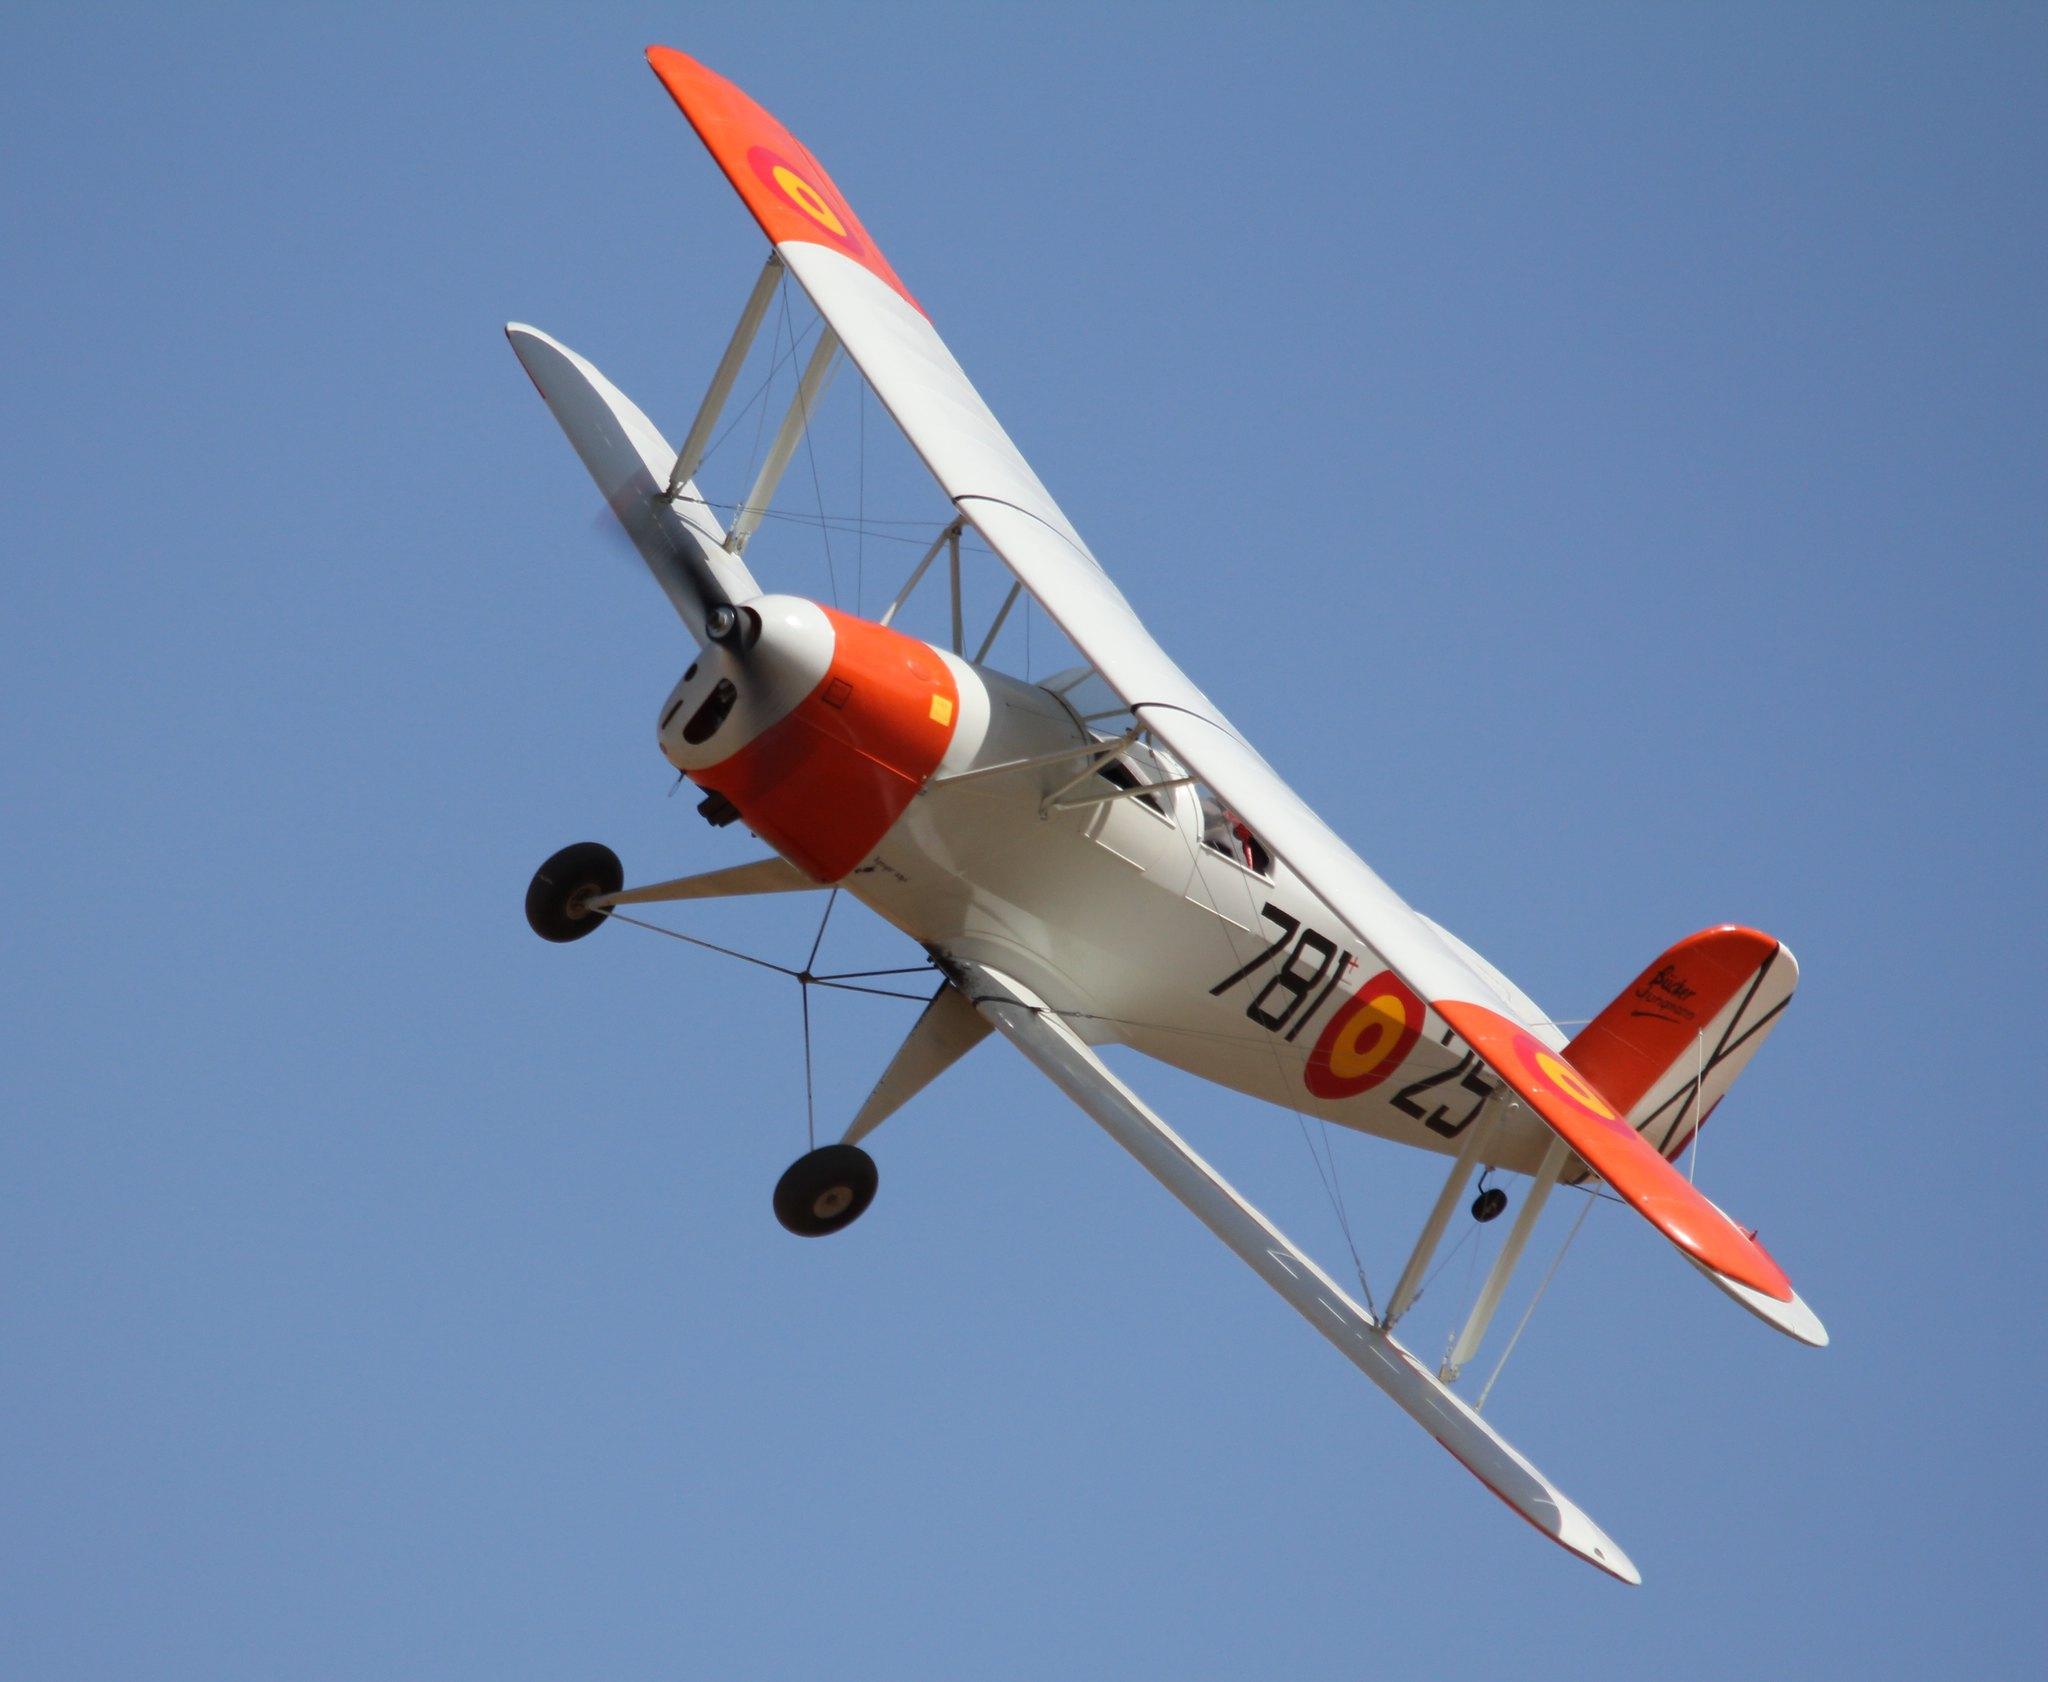 La Patrulla de Aeromodelismo